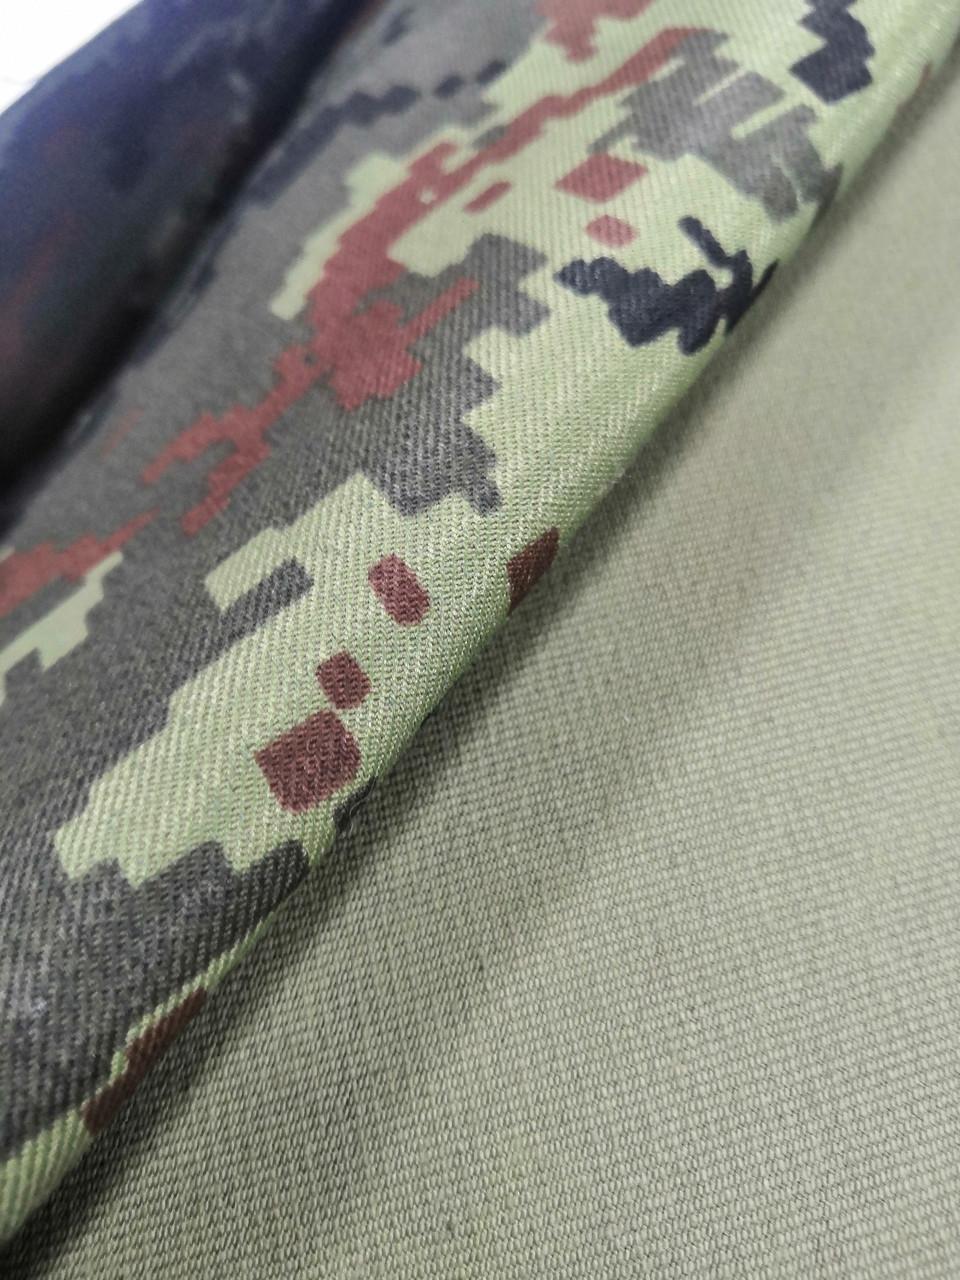 Тканина бундес піксель бавовна воєнка, щільний Для пошиття курток з утепленням, чохлів на зброю.